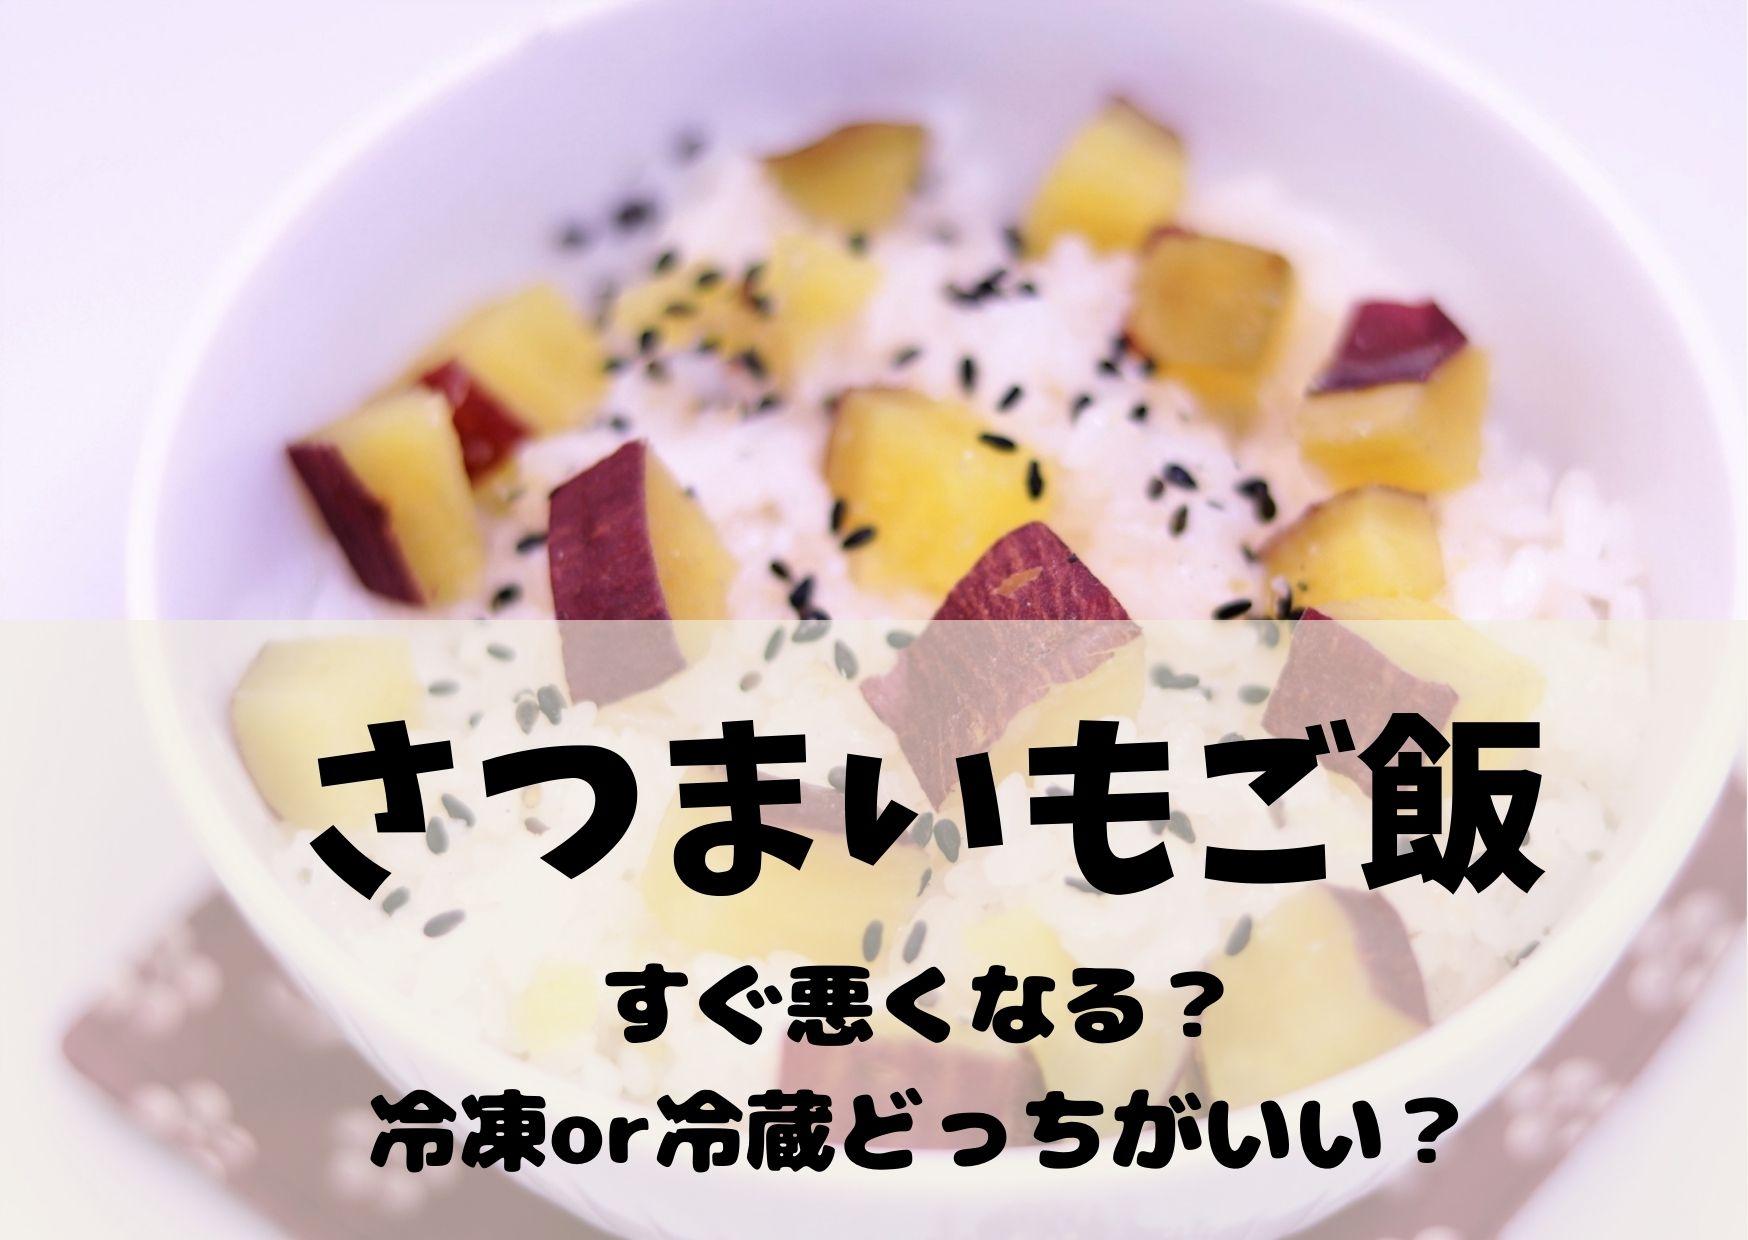 さつまいもご飯は腐るのが早い?!余ったら冷凍or冷蔵?日持ちはどうなの